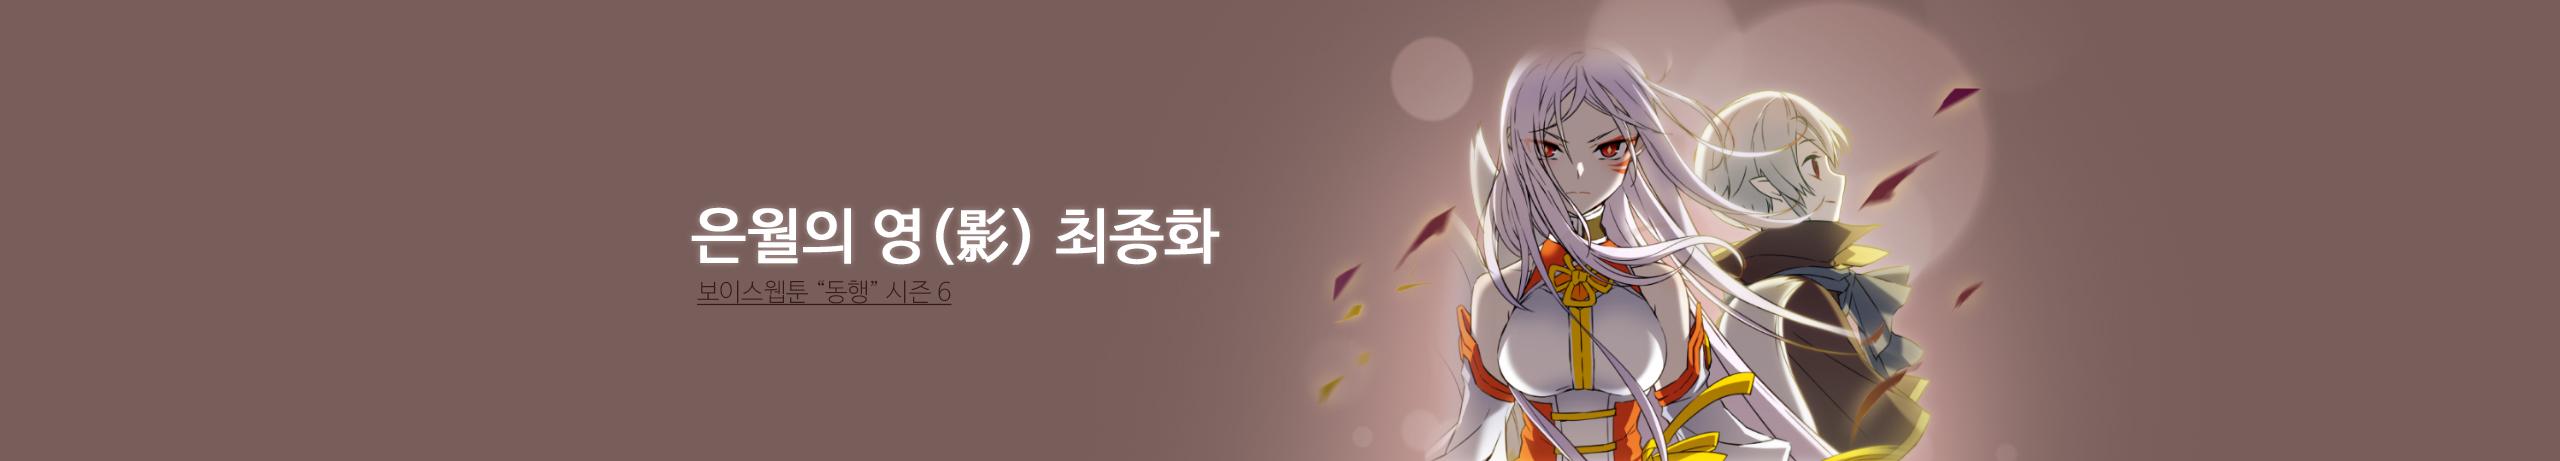 아라 보이스웹툰 4화  이동